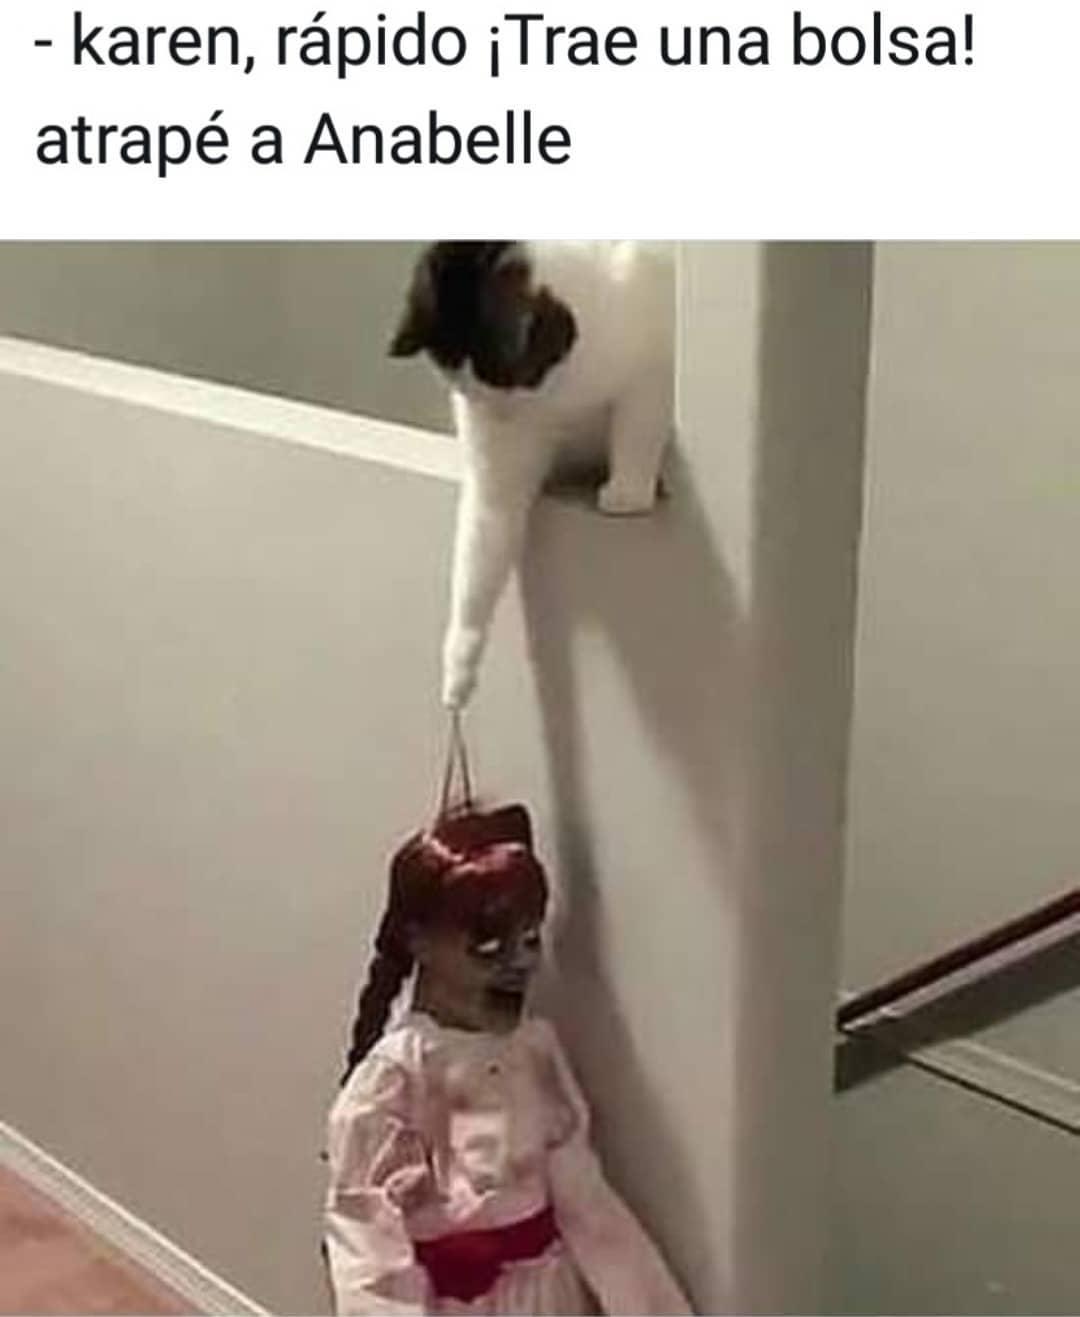 Karen, rápido. ¡Trae una bolsa! atrapé a Anabelle.